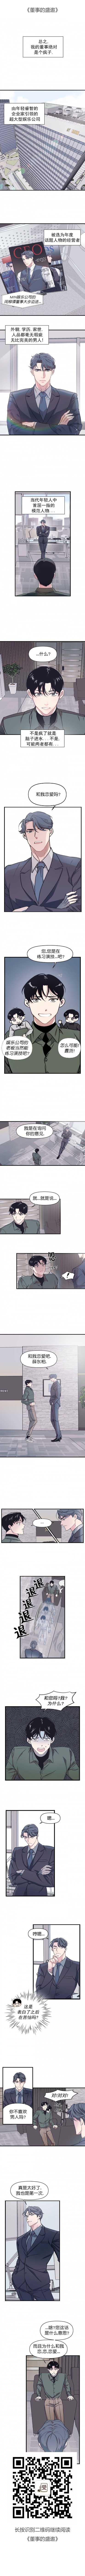 最新耽美漫画《董事的盛邀》火热上线!漫画资源